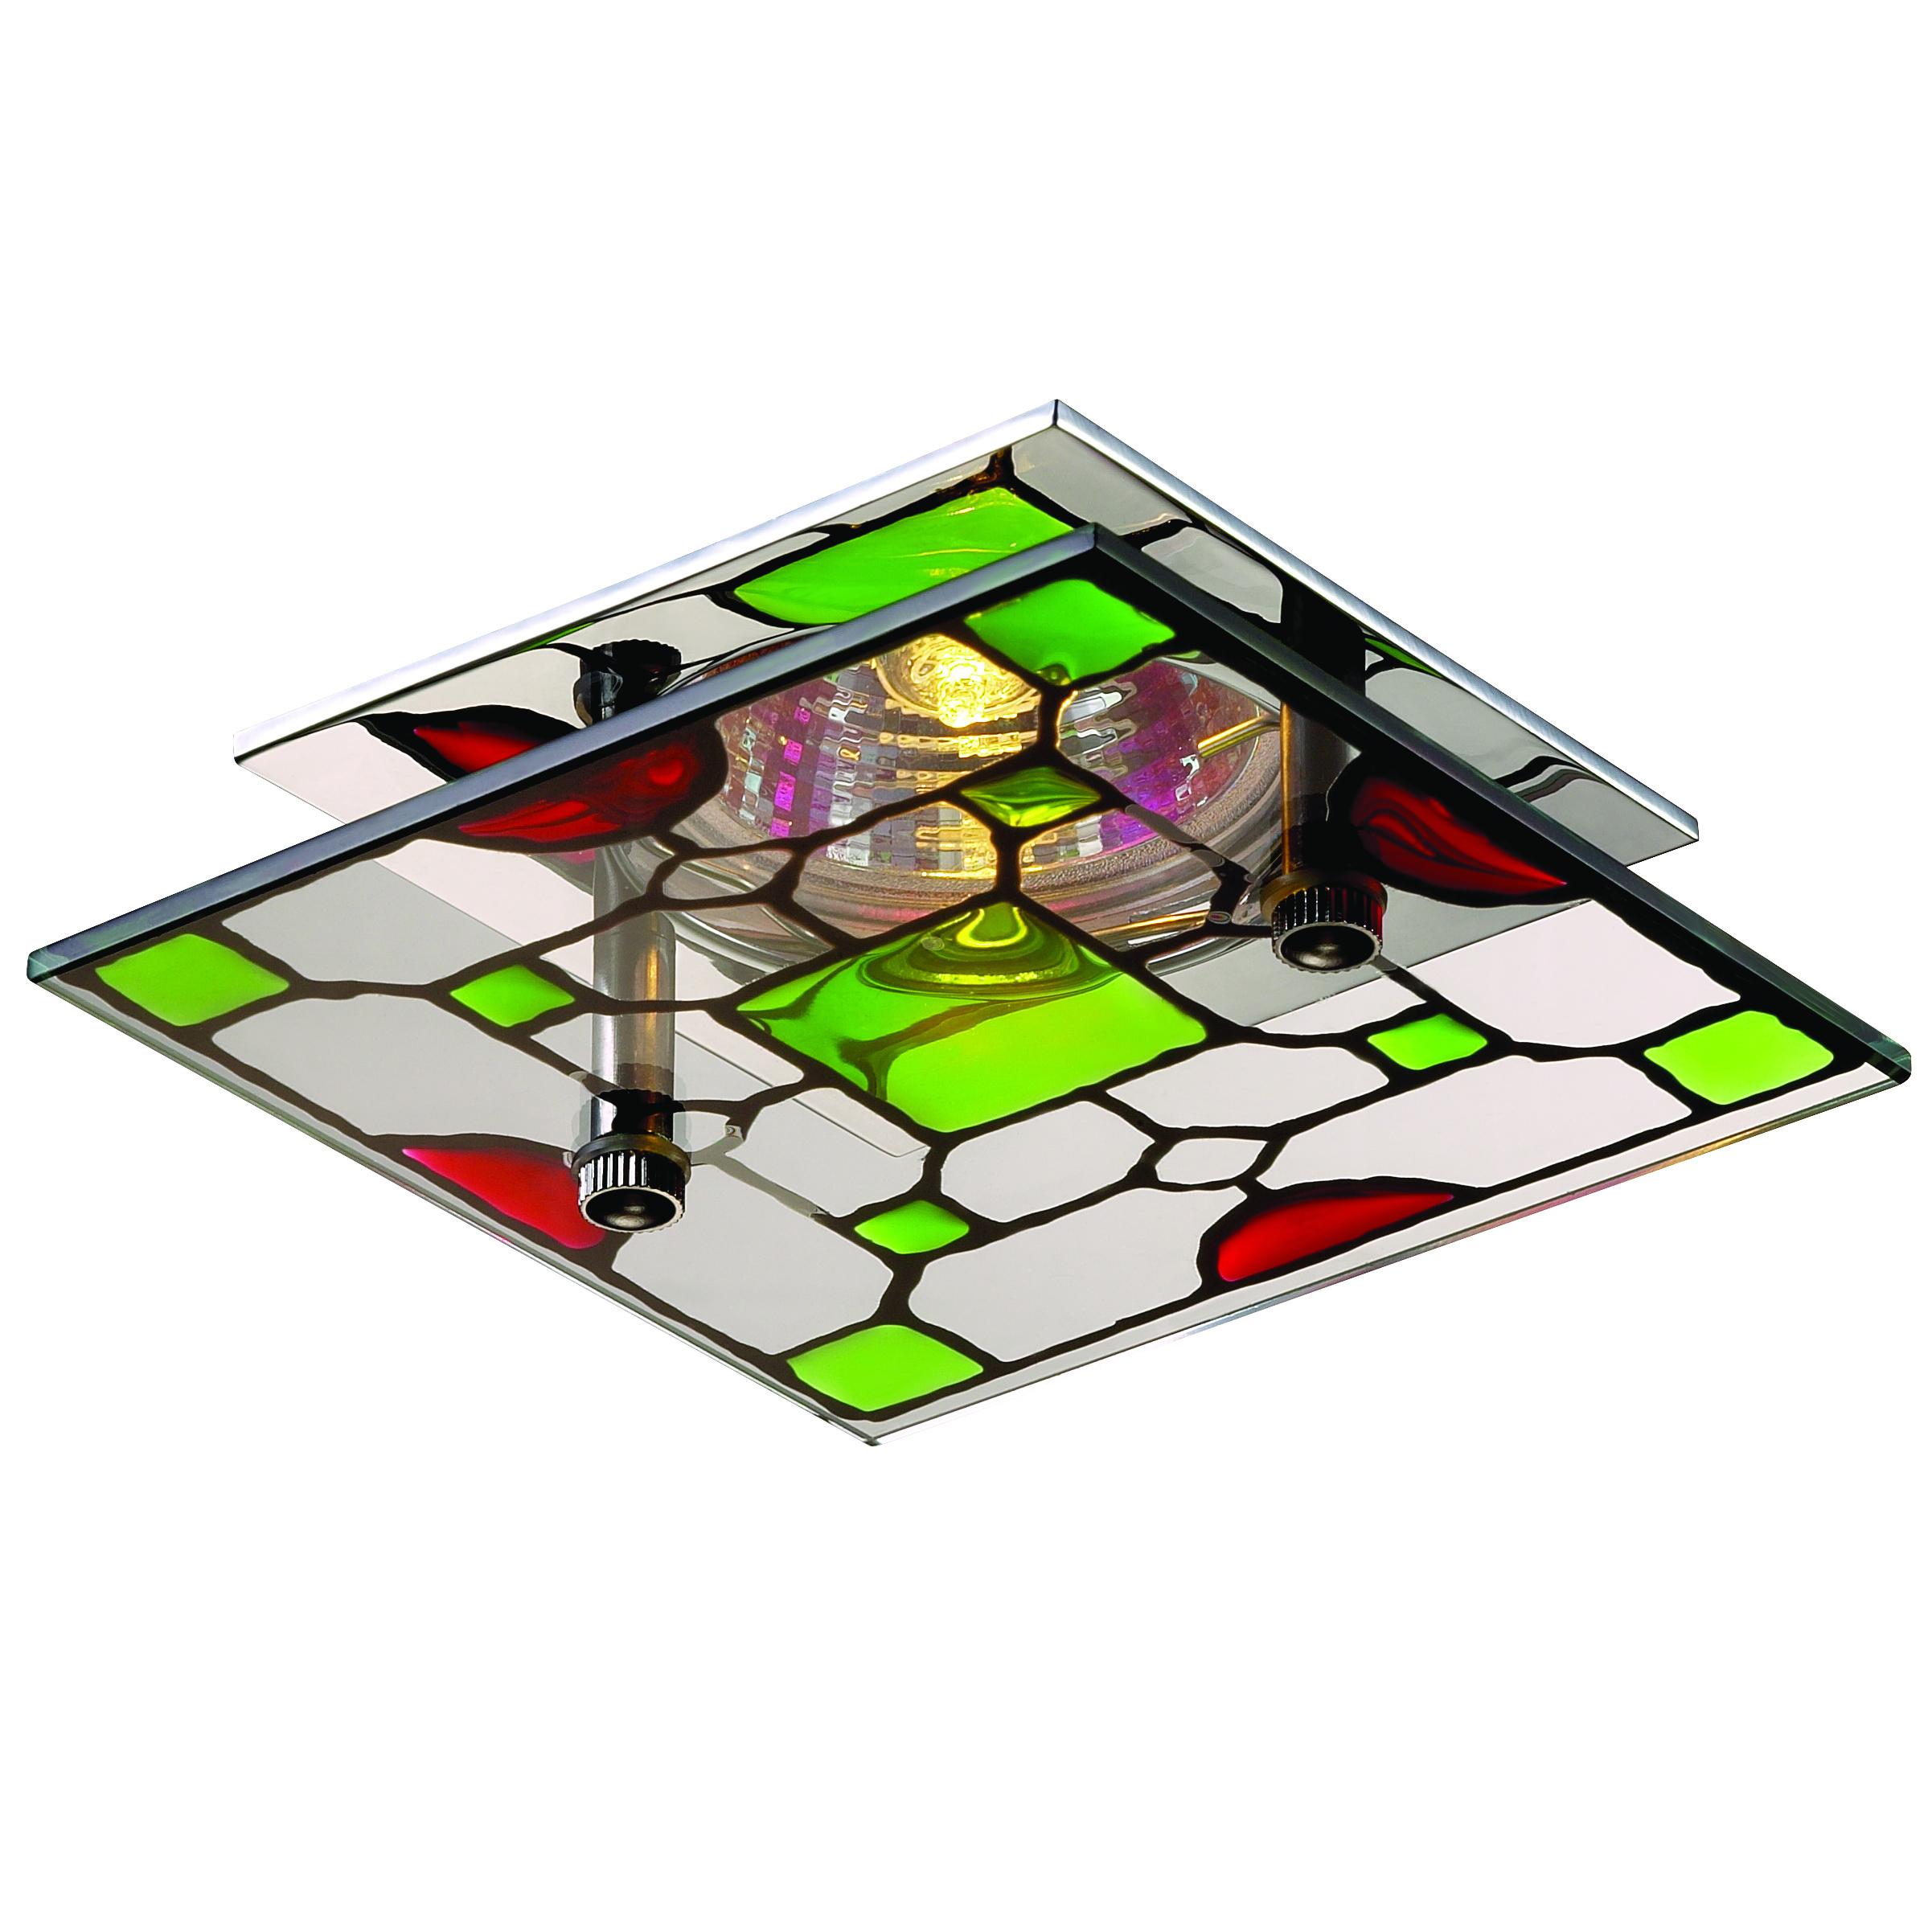 Светильник встраиваемый Novotech Vitrage nt10 116 369394 встраиваемый светильник novotech vitrage 369558